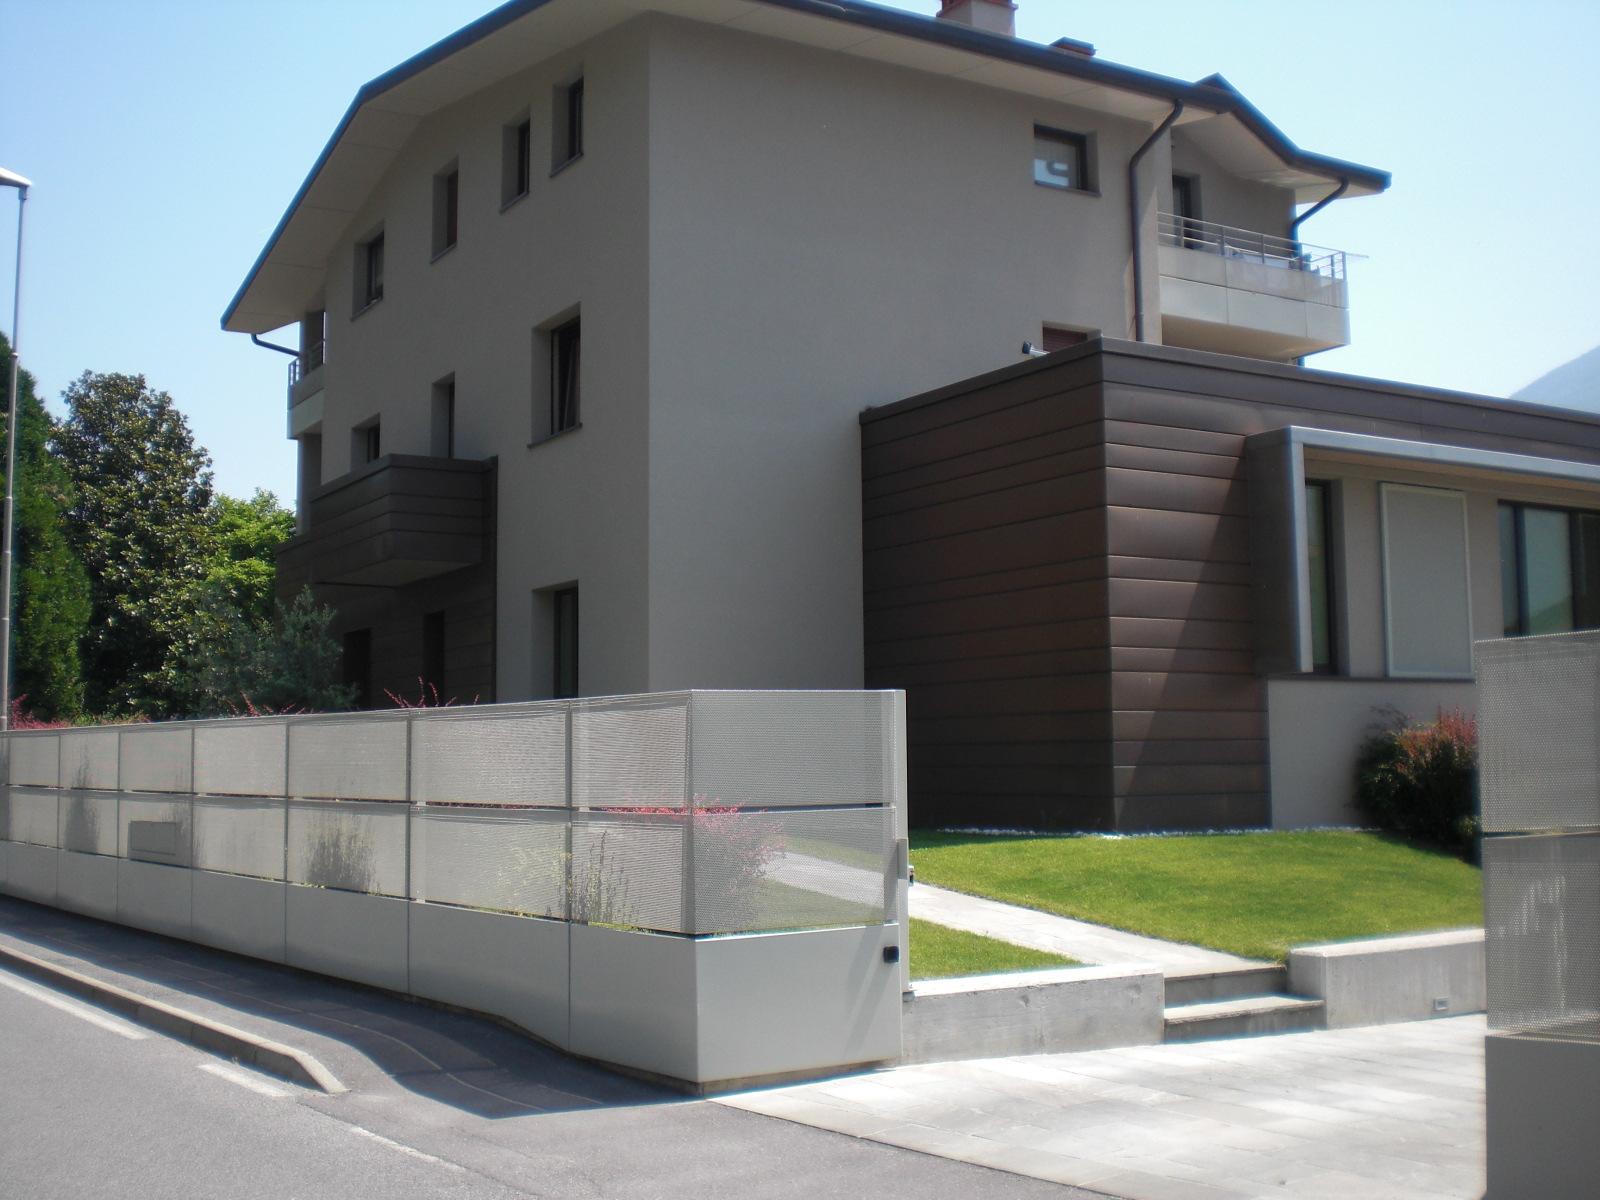 Studio-di-architettura-Baisotti-Sigala-prgetti80